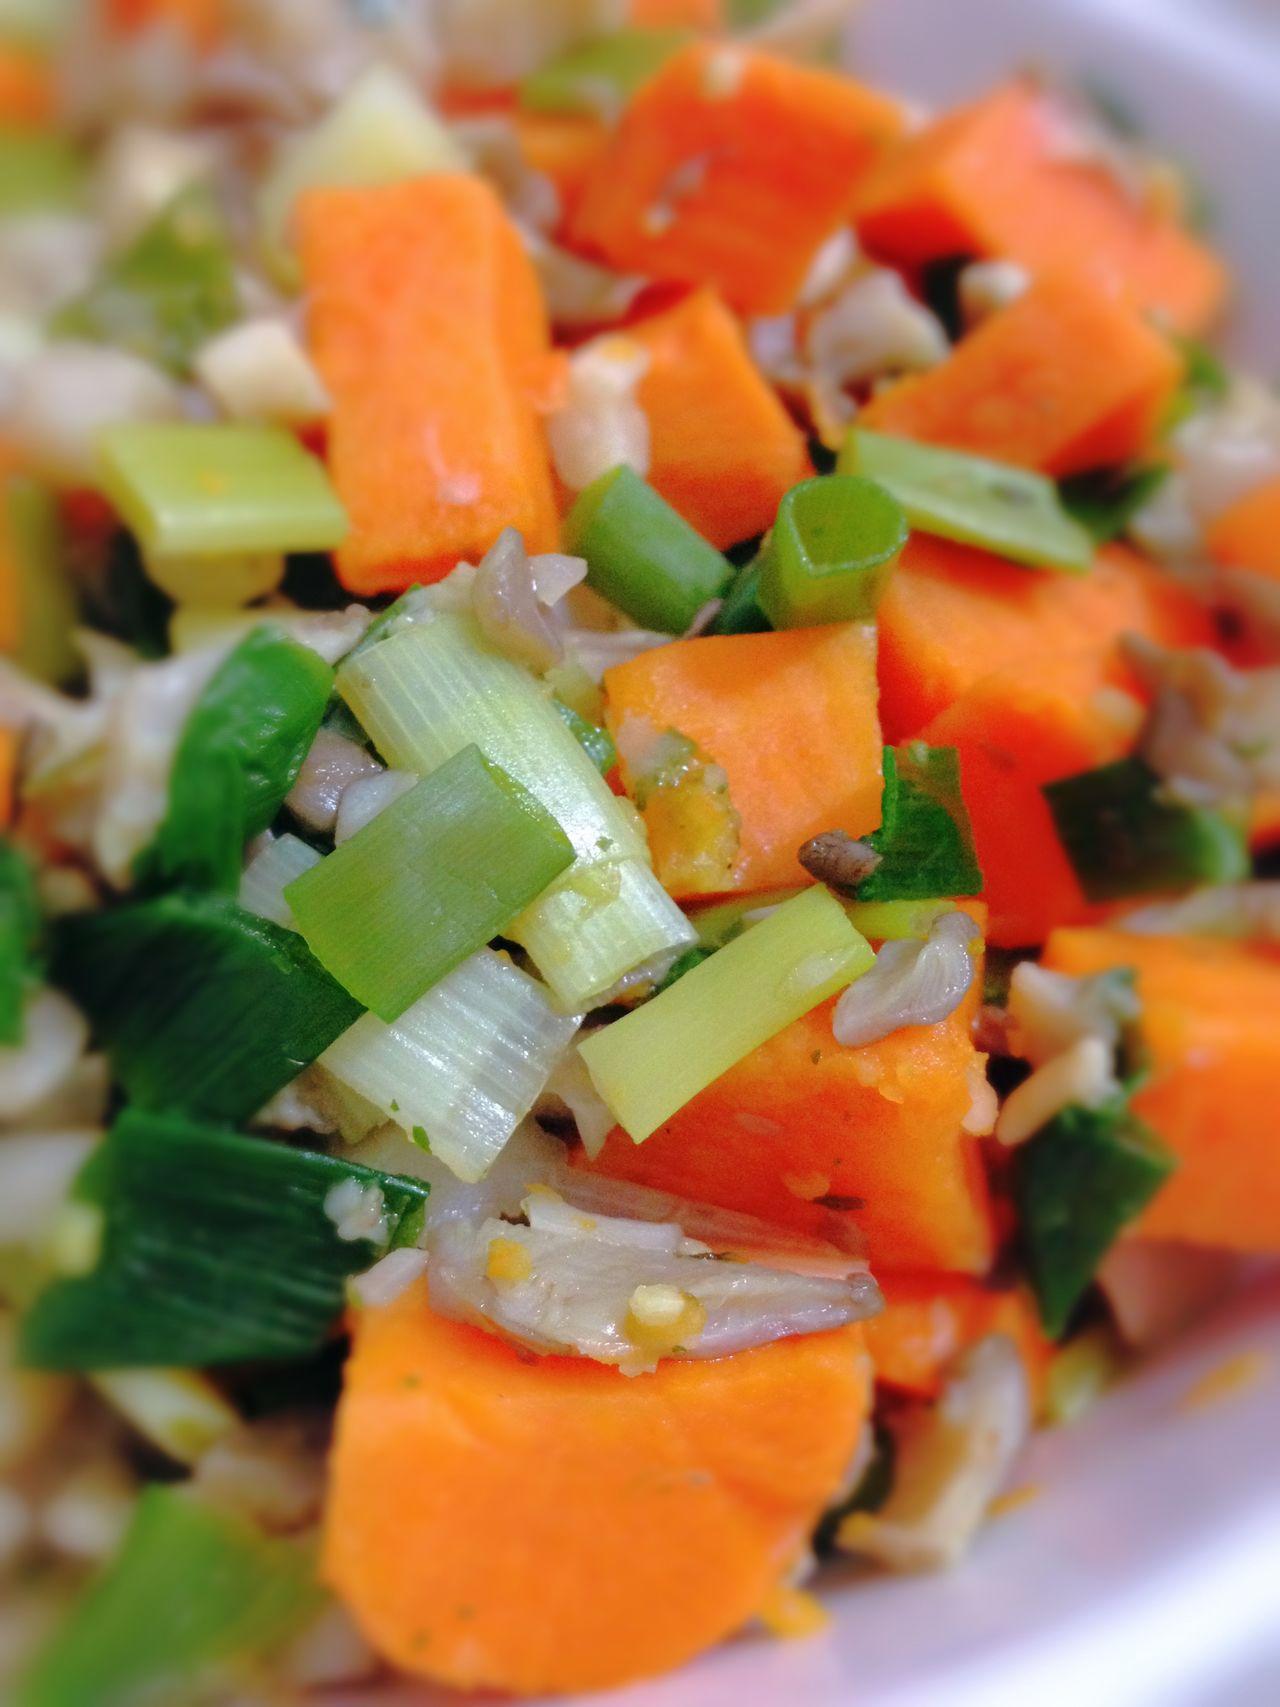 Sweet Potatoes Green Onion Vegetables Vegetarian Food Vegan Food 365 Photos In 2015 Healthy Food My Dinner